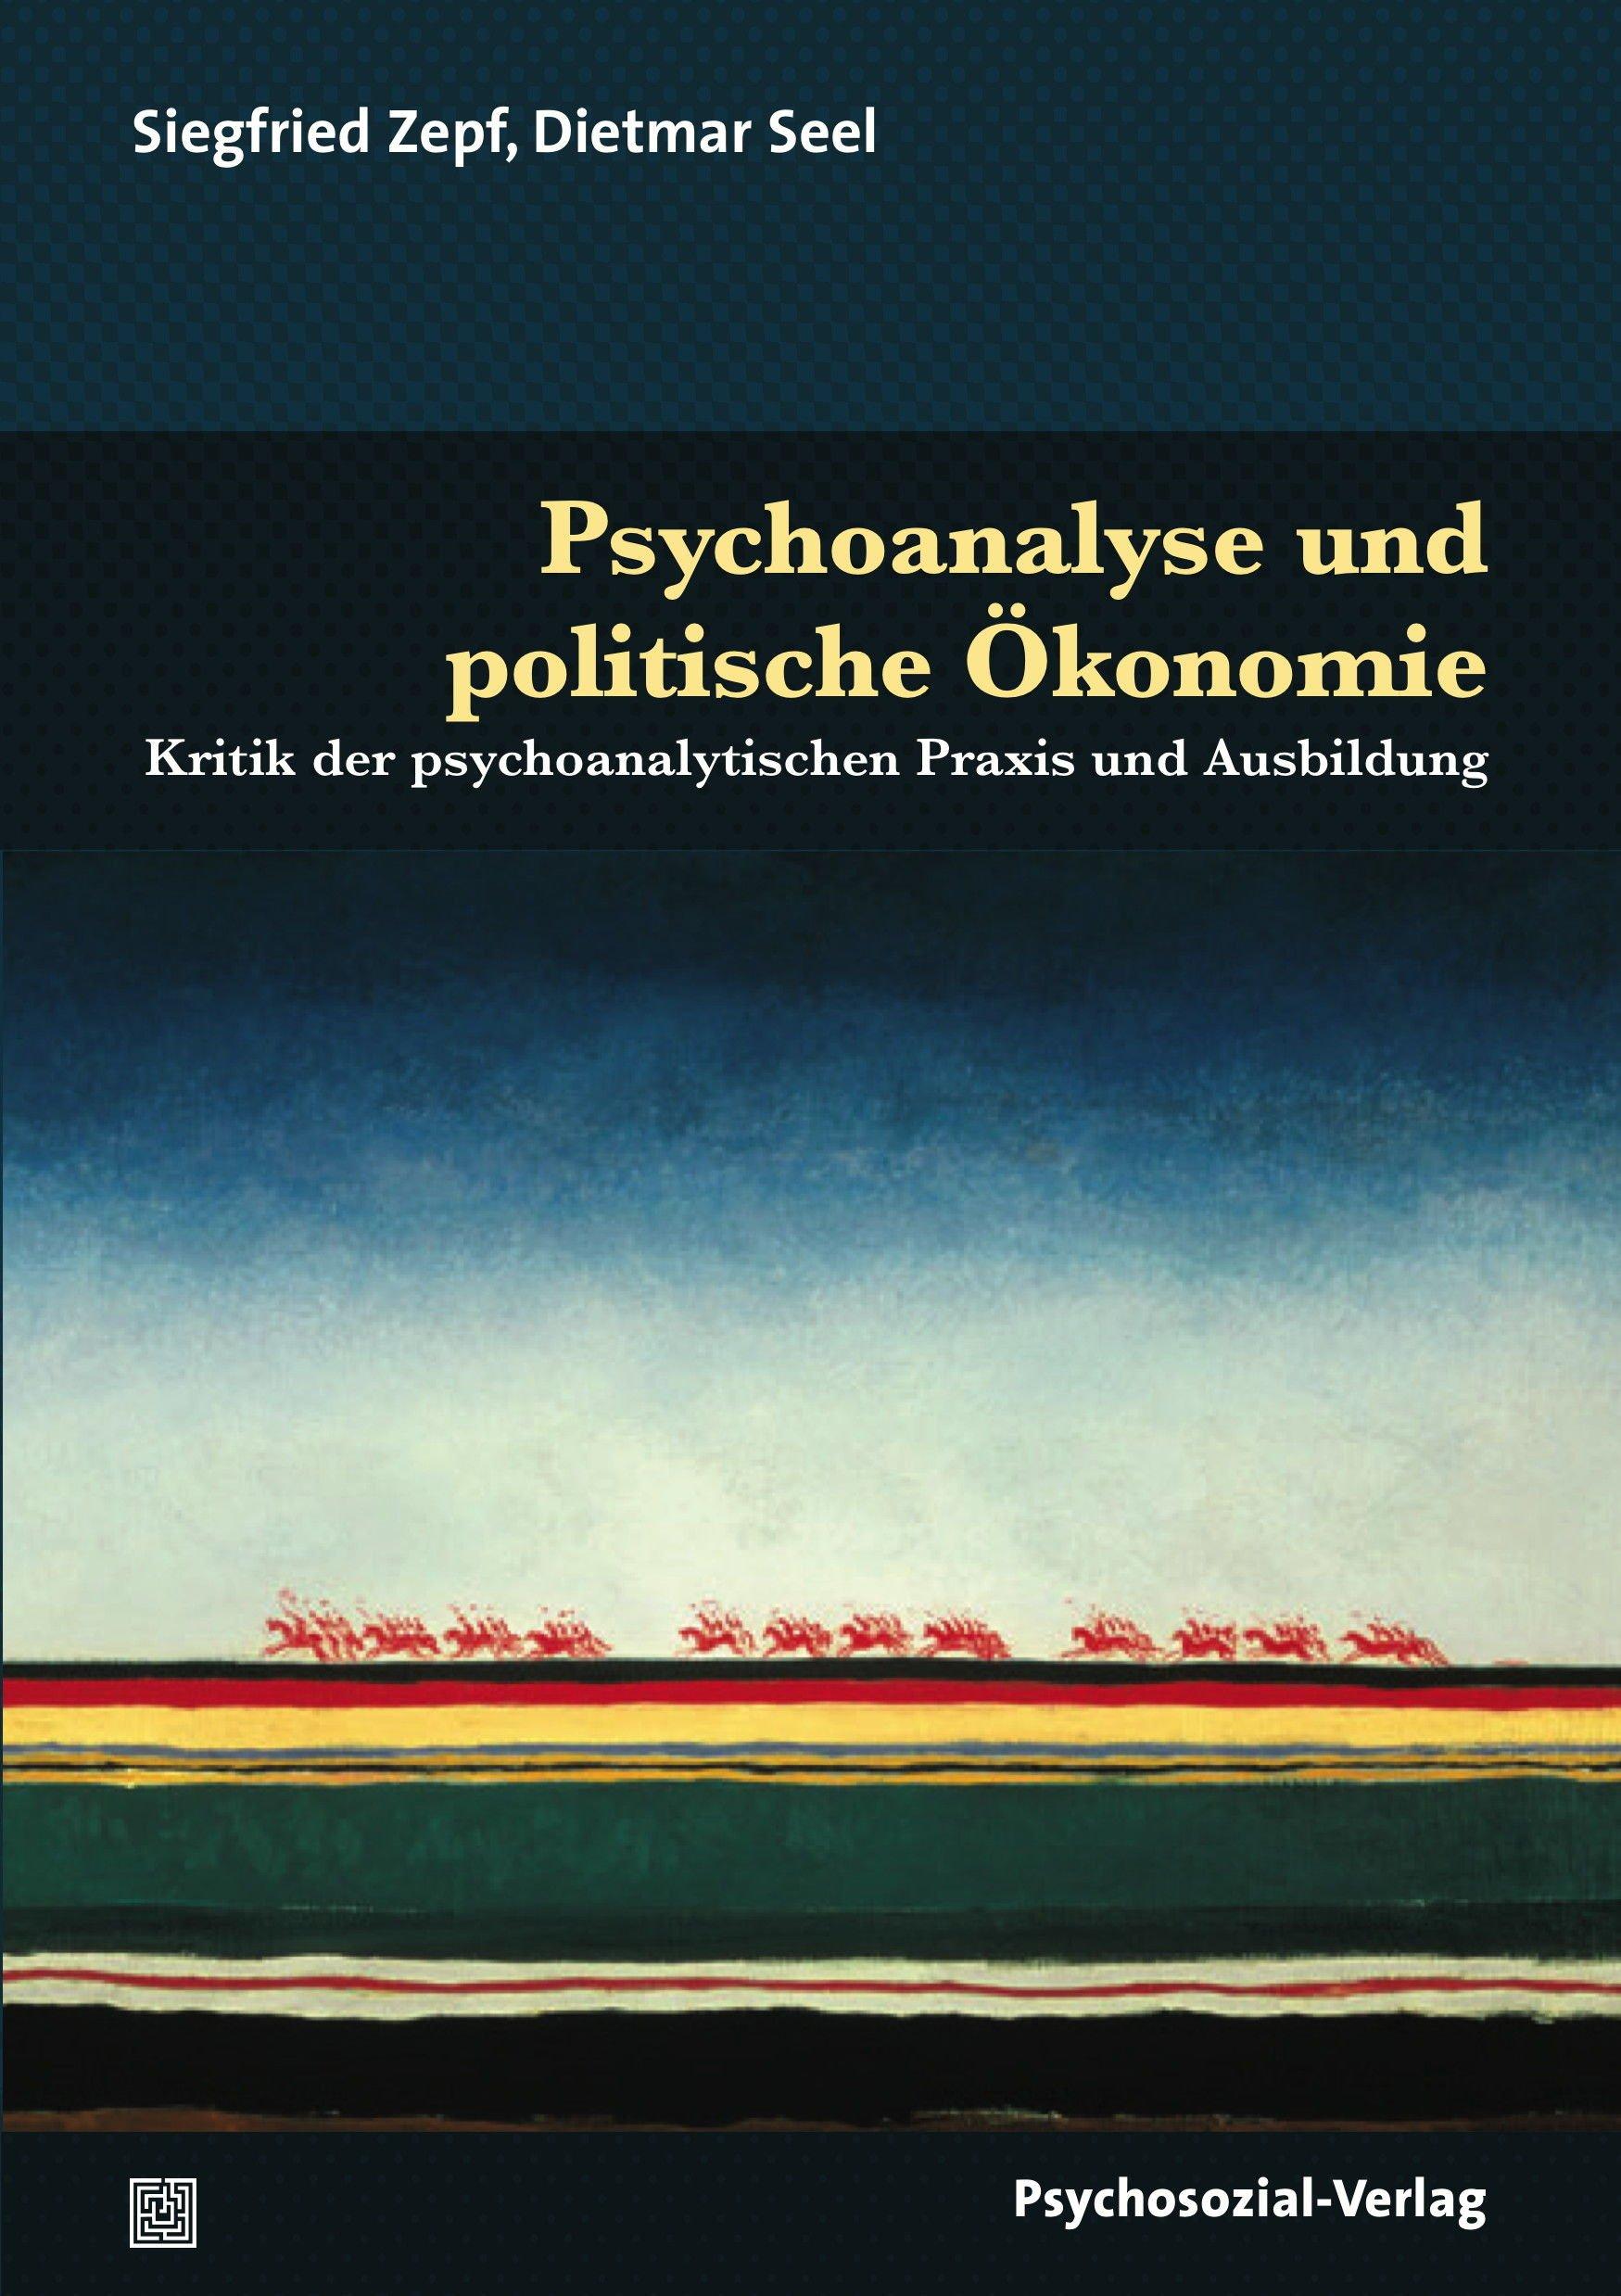 Psychoanalyse und politische Ökonomie